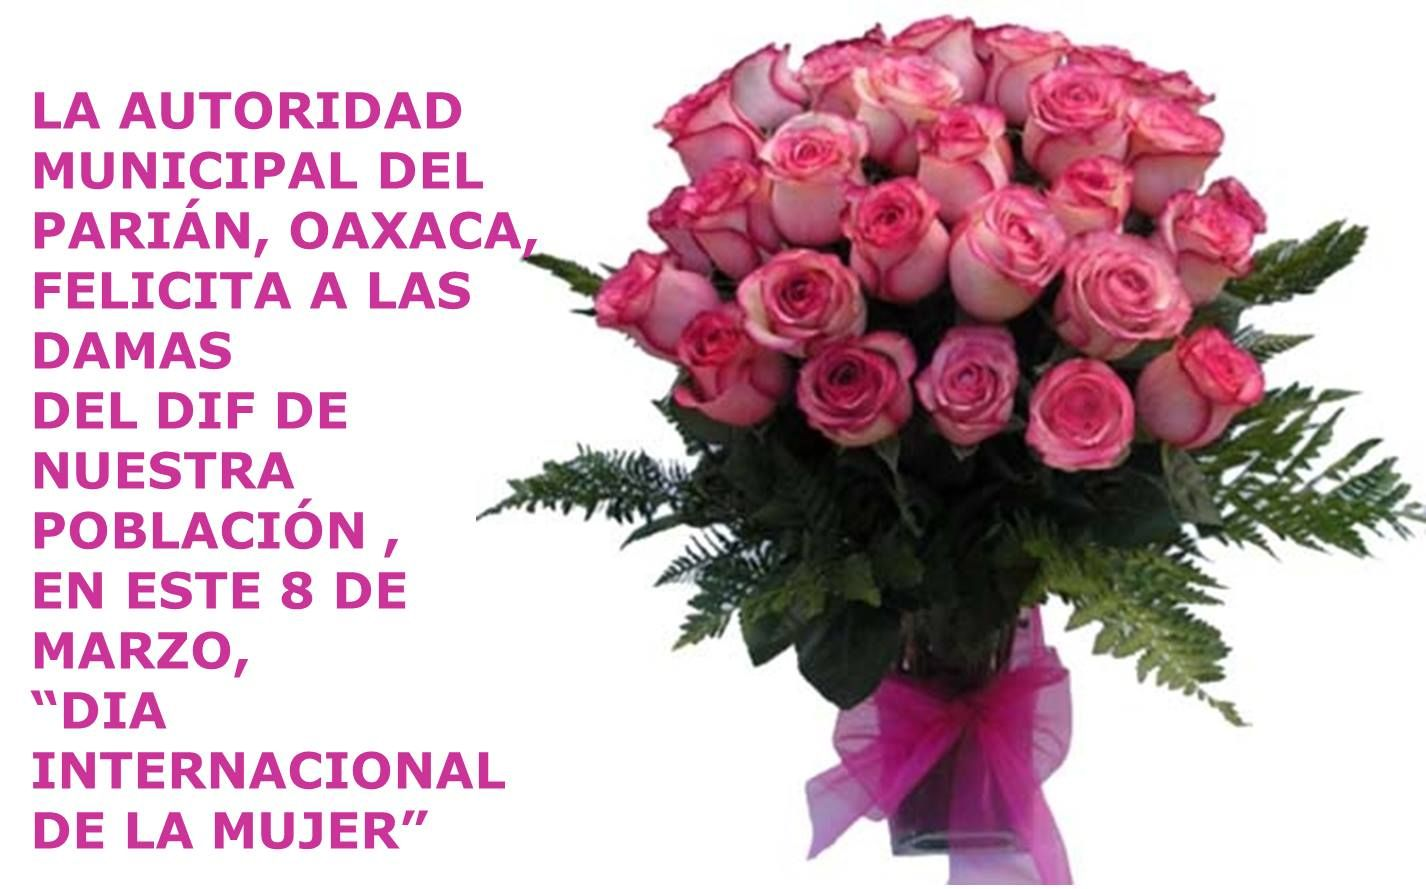 Felicitaciones a las mujeres de paran oaxaca cosas increbles explore rose flowers pink roses and more izmirmasajfo